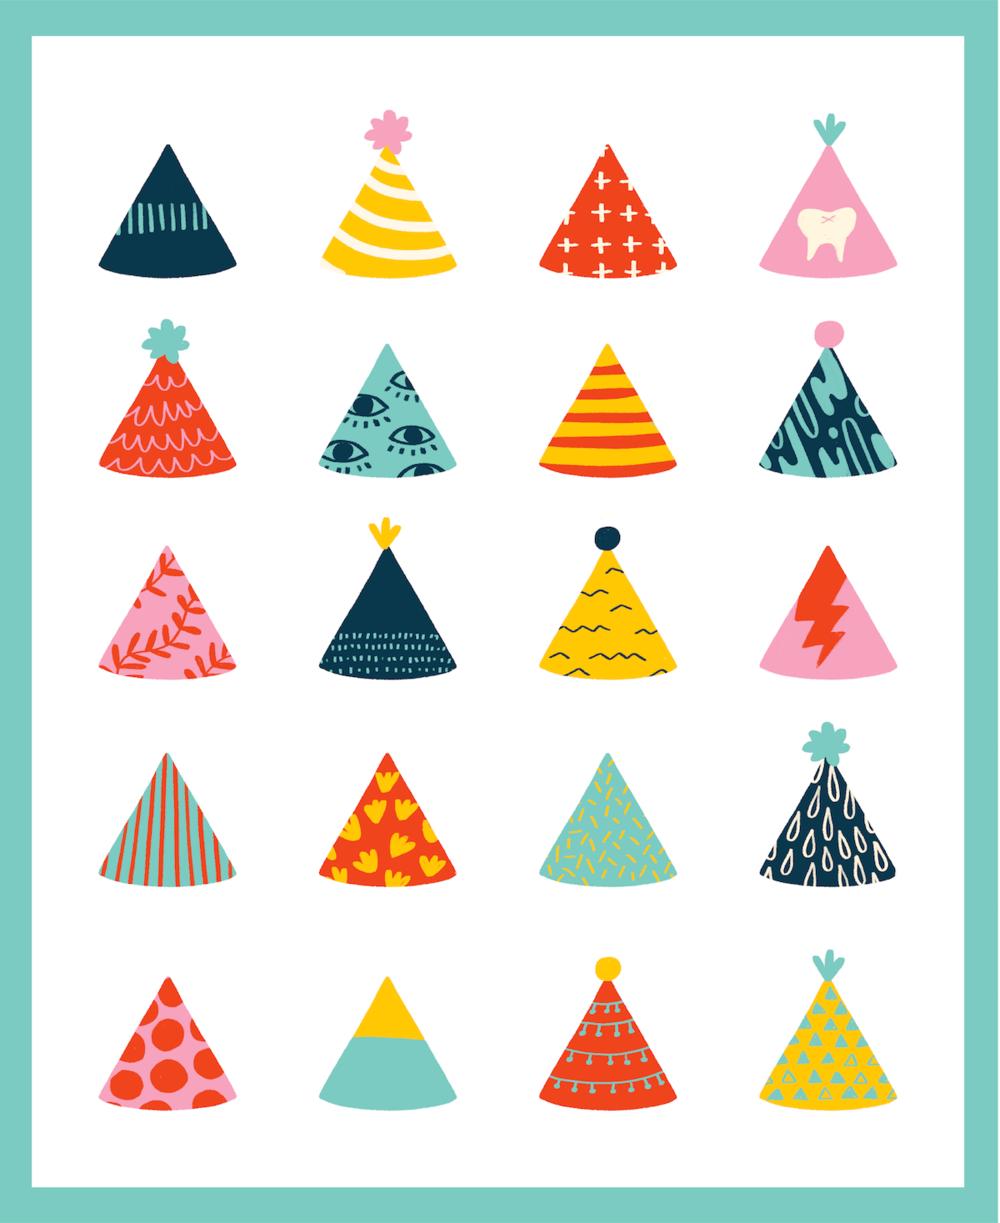 Katya-Austin-Illustration-tiny-party-hat-pattern.png